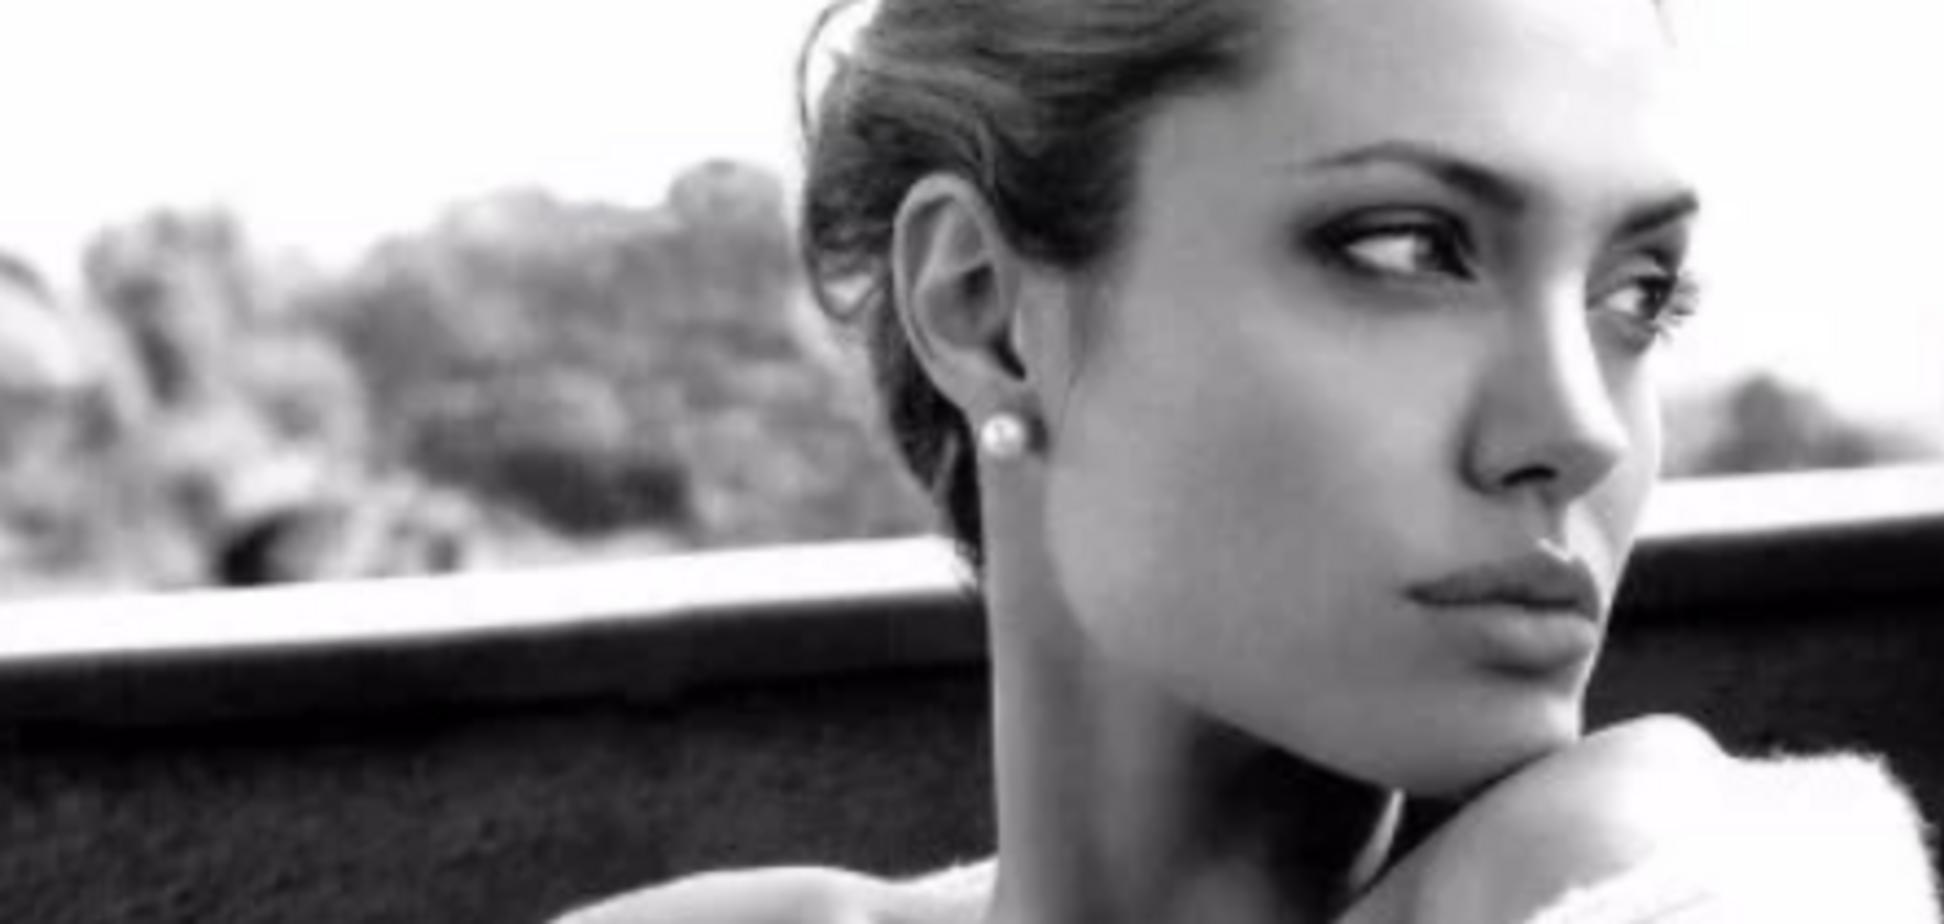 У Джолі роман із Кіану Рівзом? З'ясувалася правда